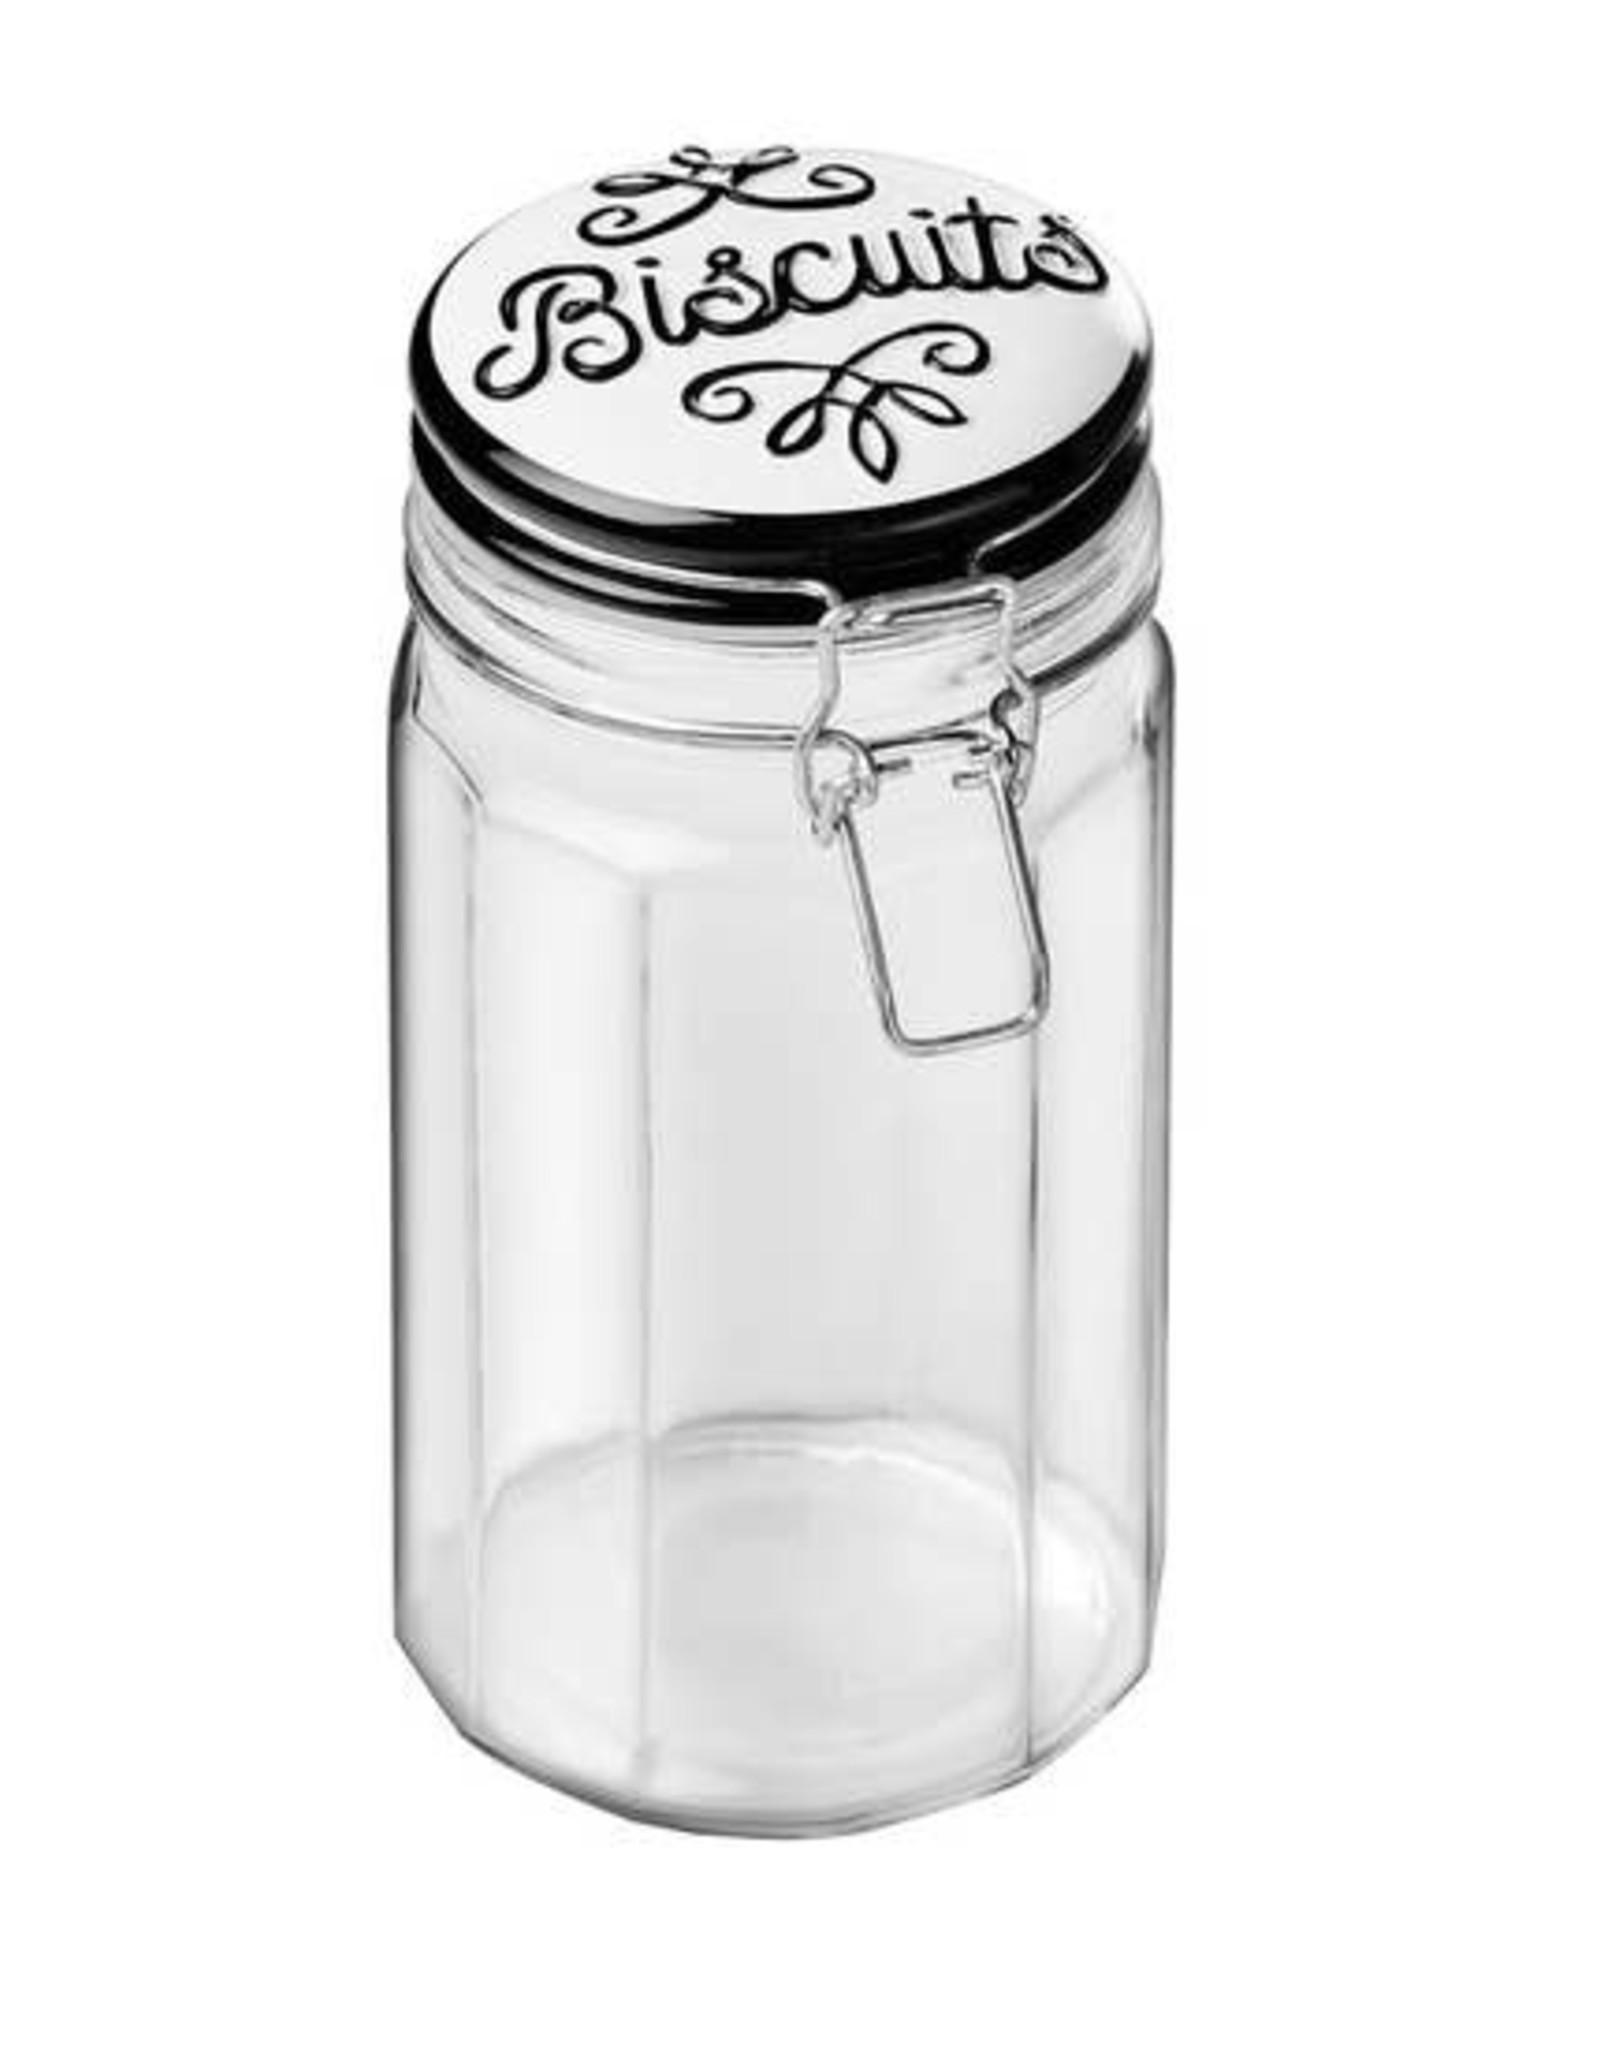 Amici Pet Bella Biscuits Treat Jar